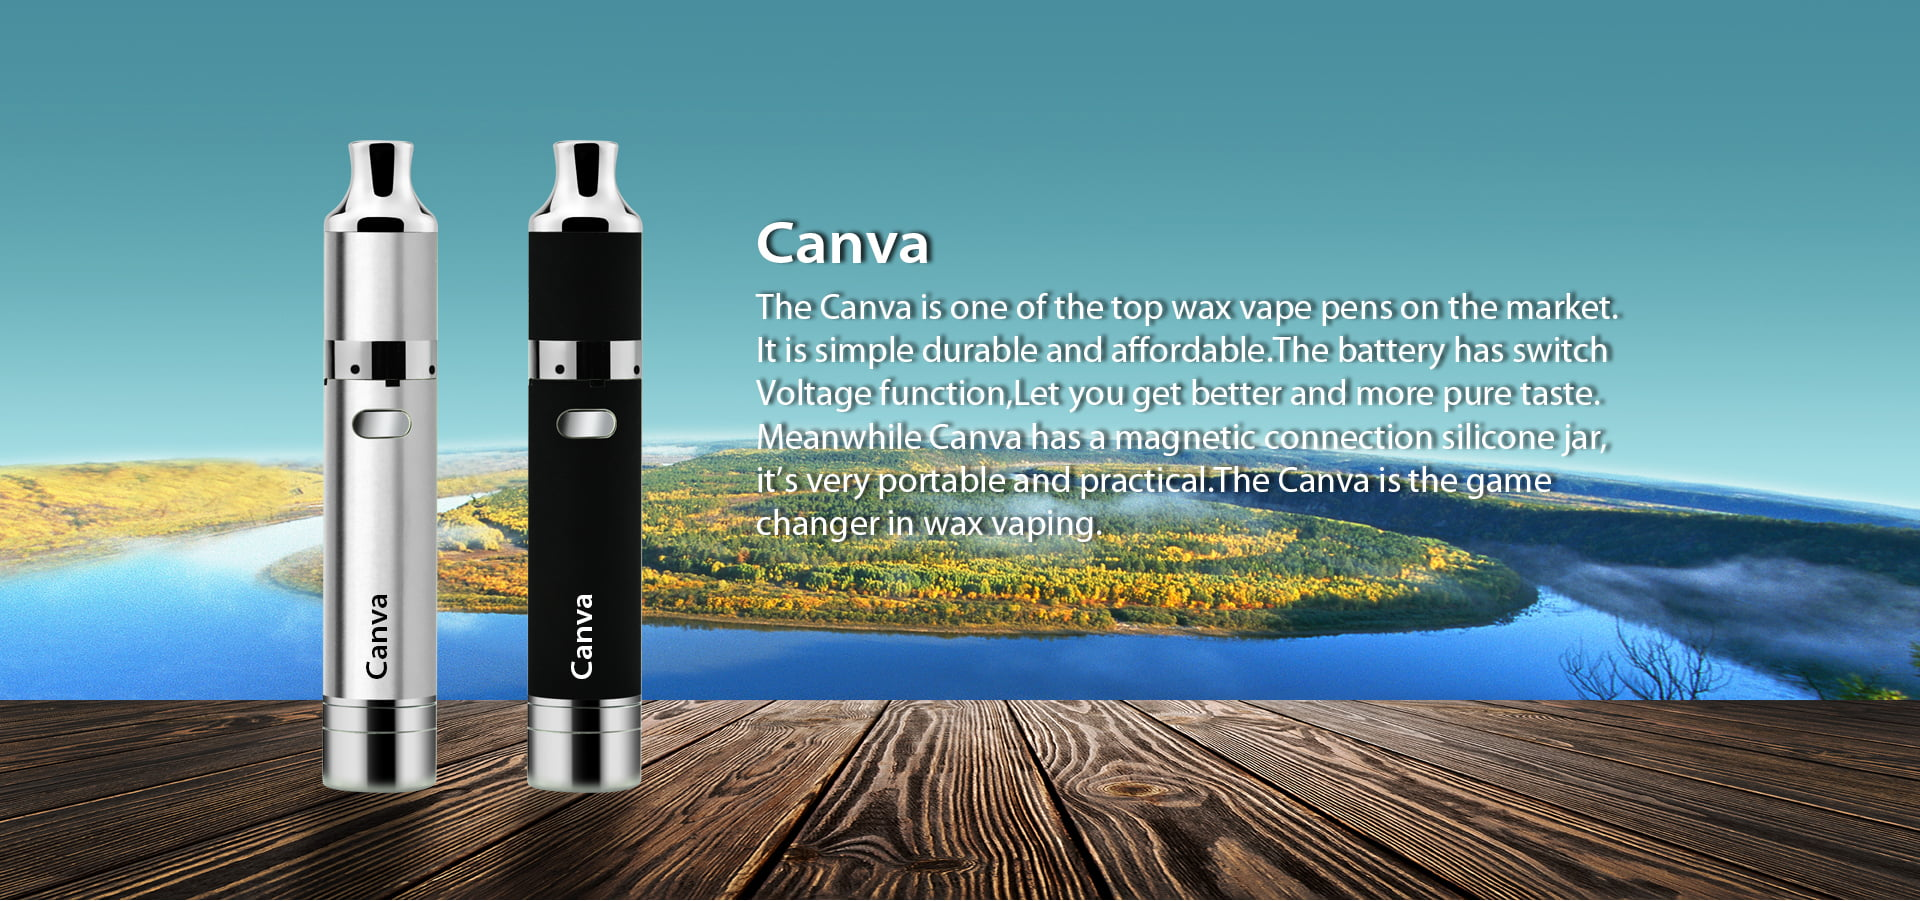 Canva wax pen-1